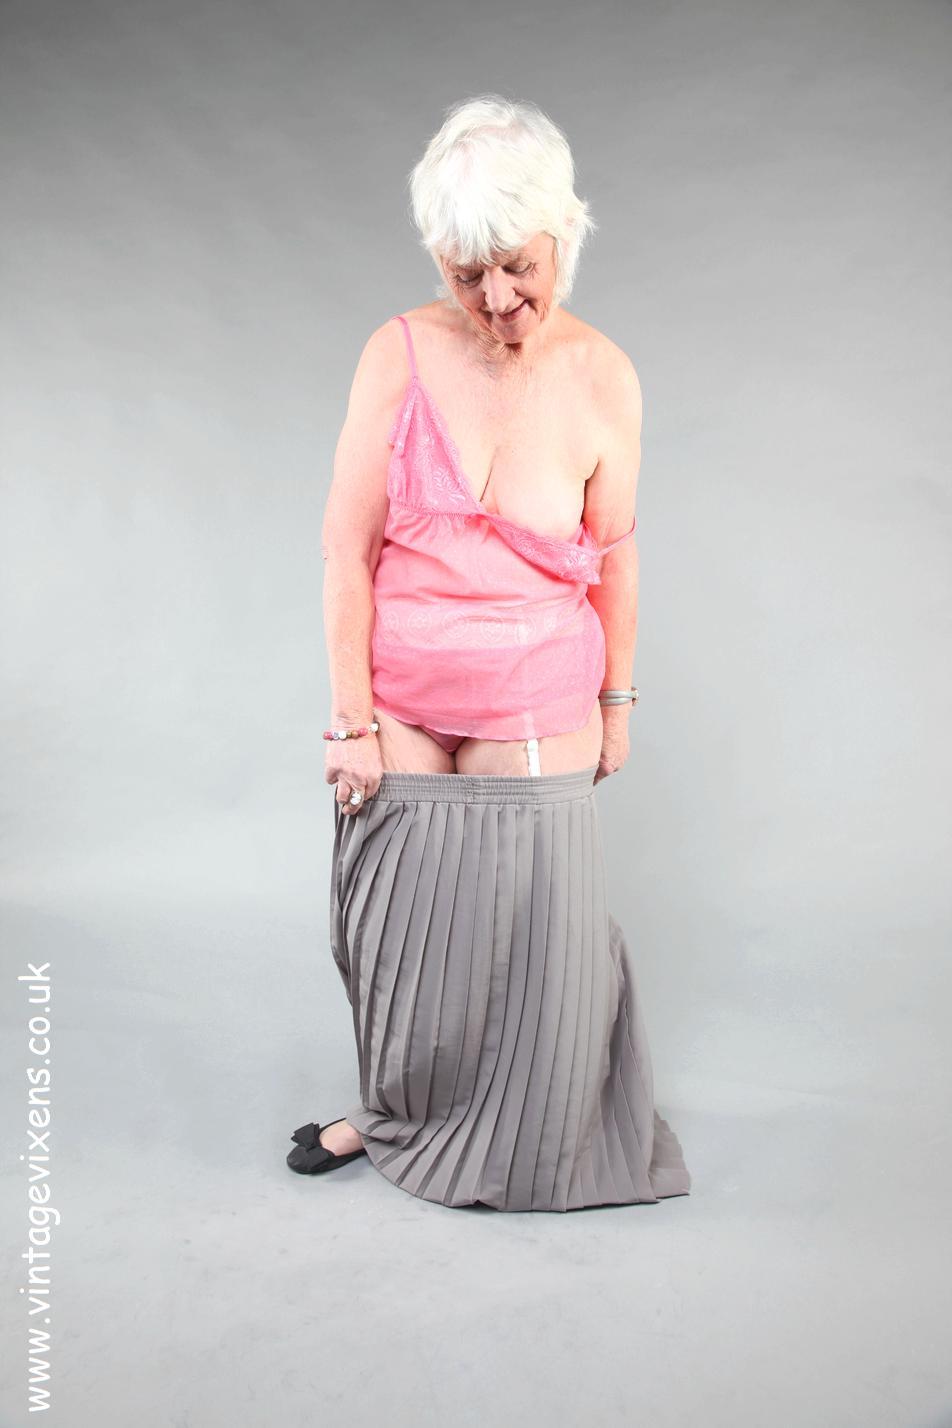 Granny Nude Solo Pics